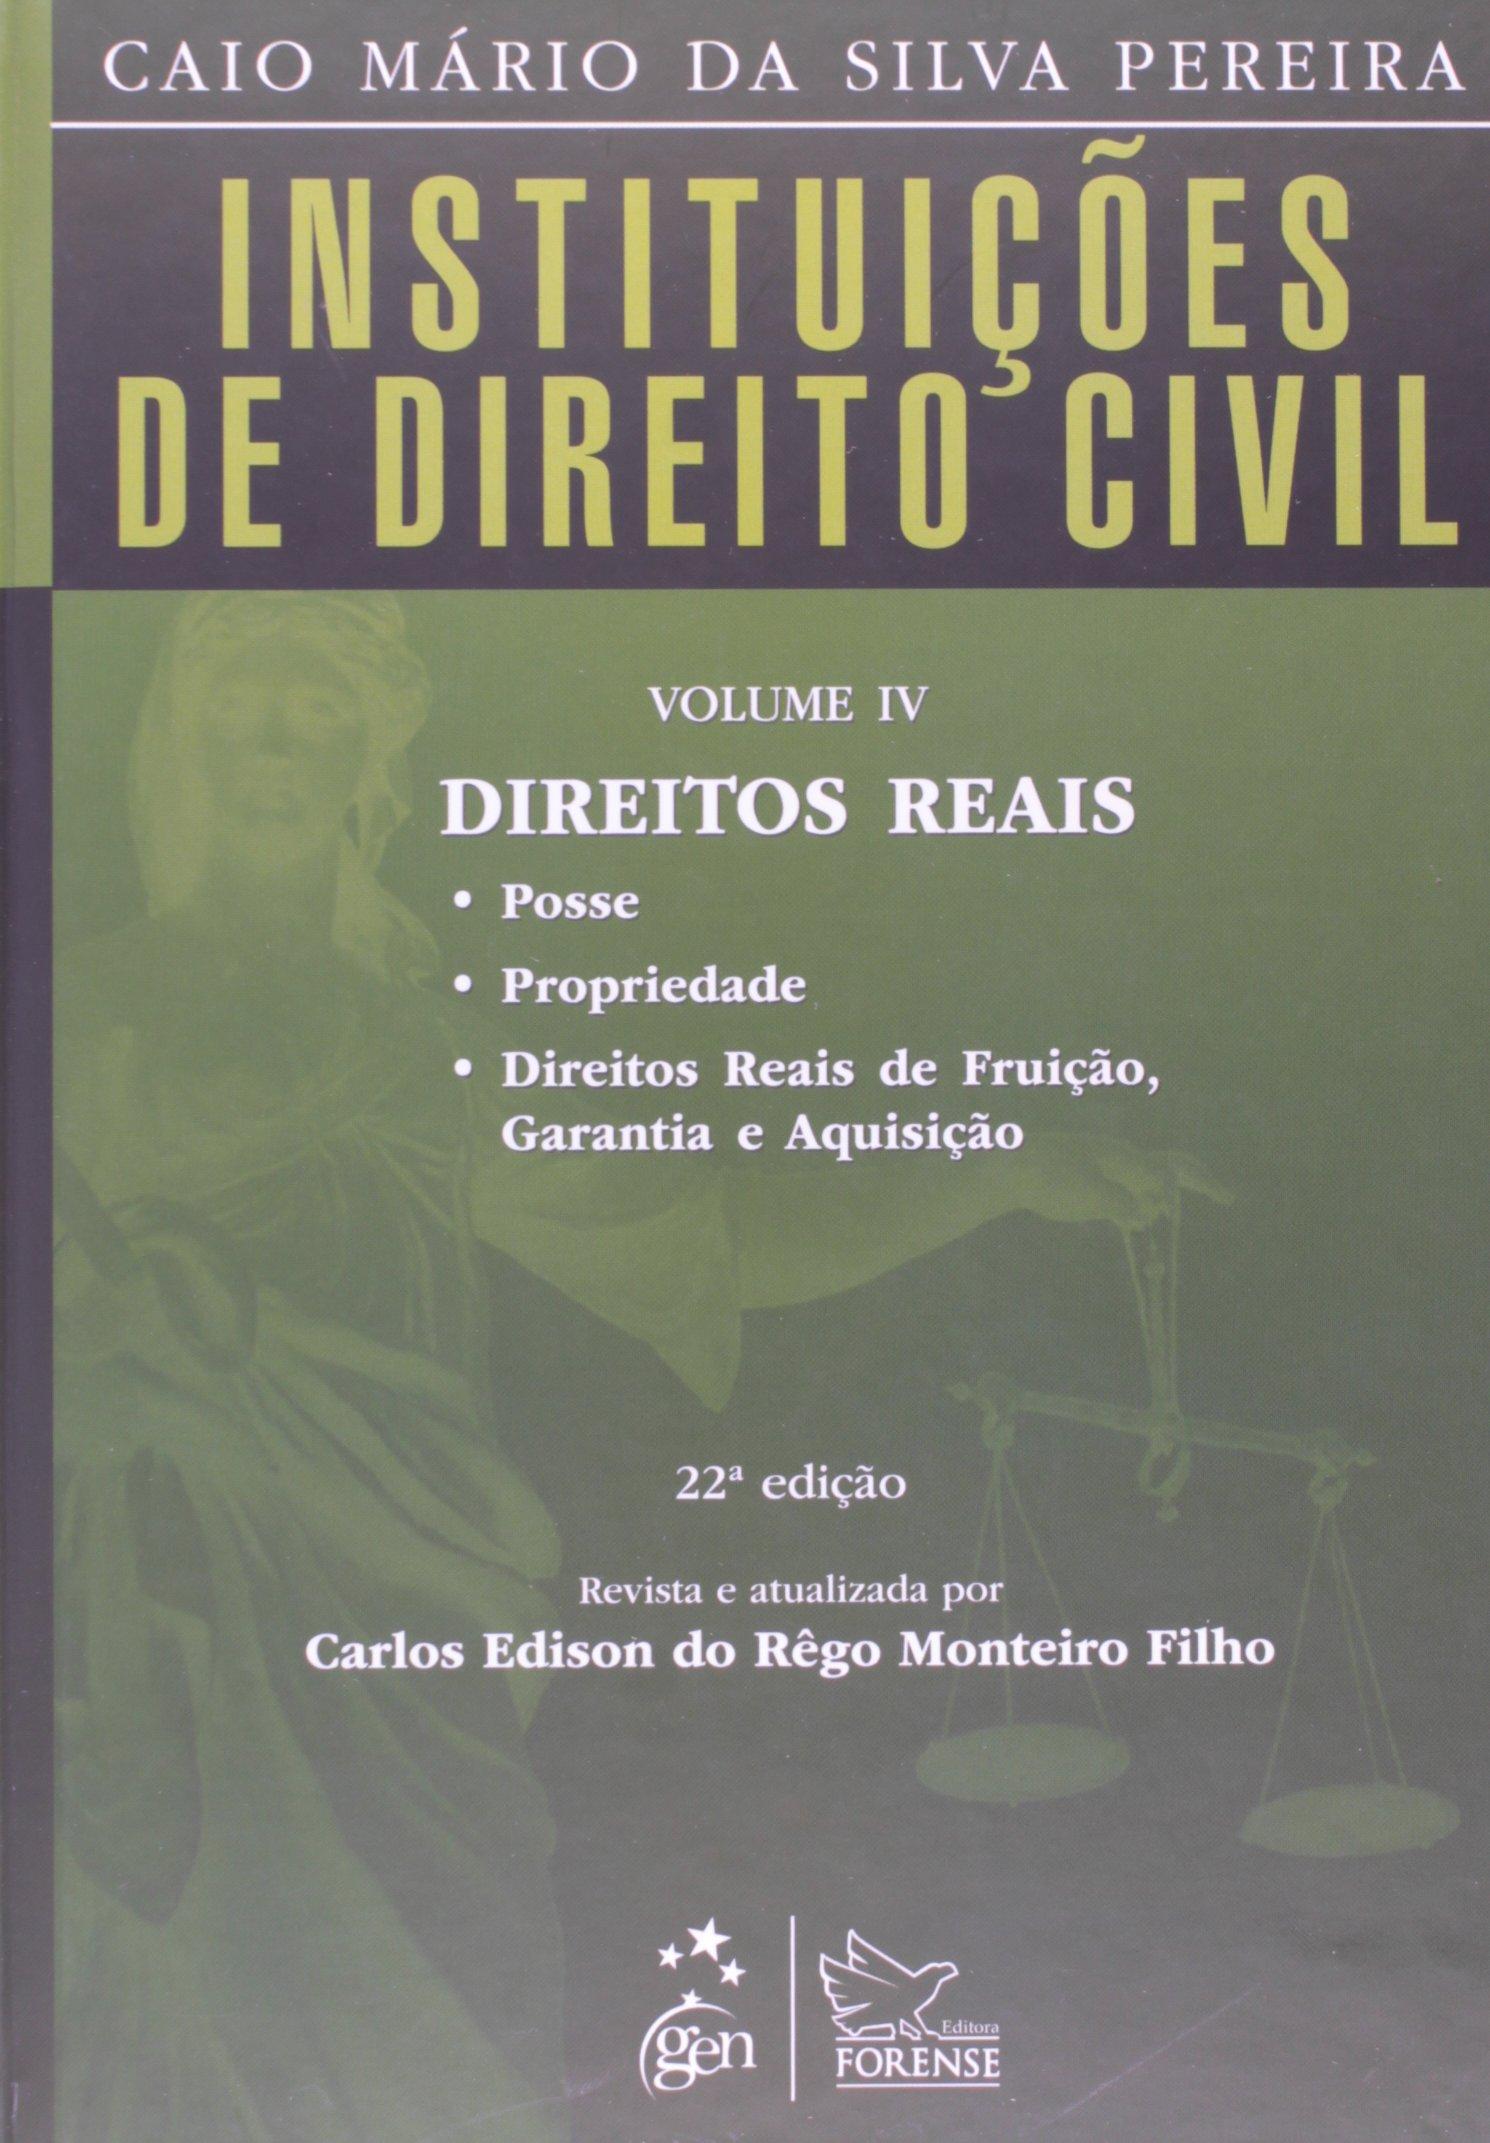 Read Online Instituicoes De Direito Civil - V. 04 - Direitos Reais pdf